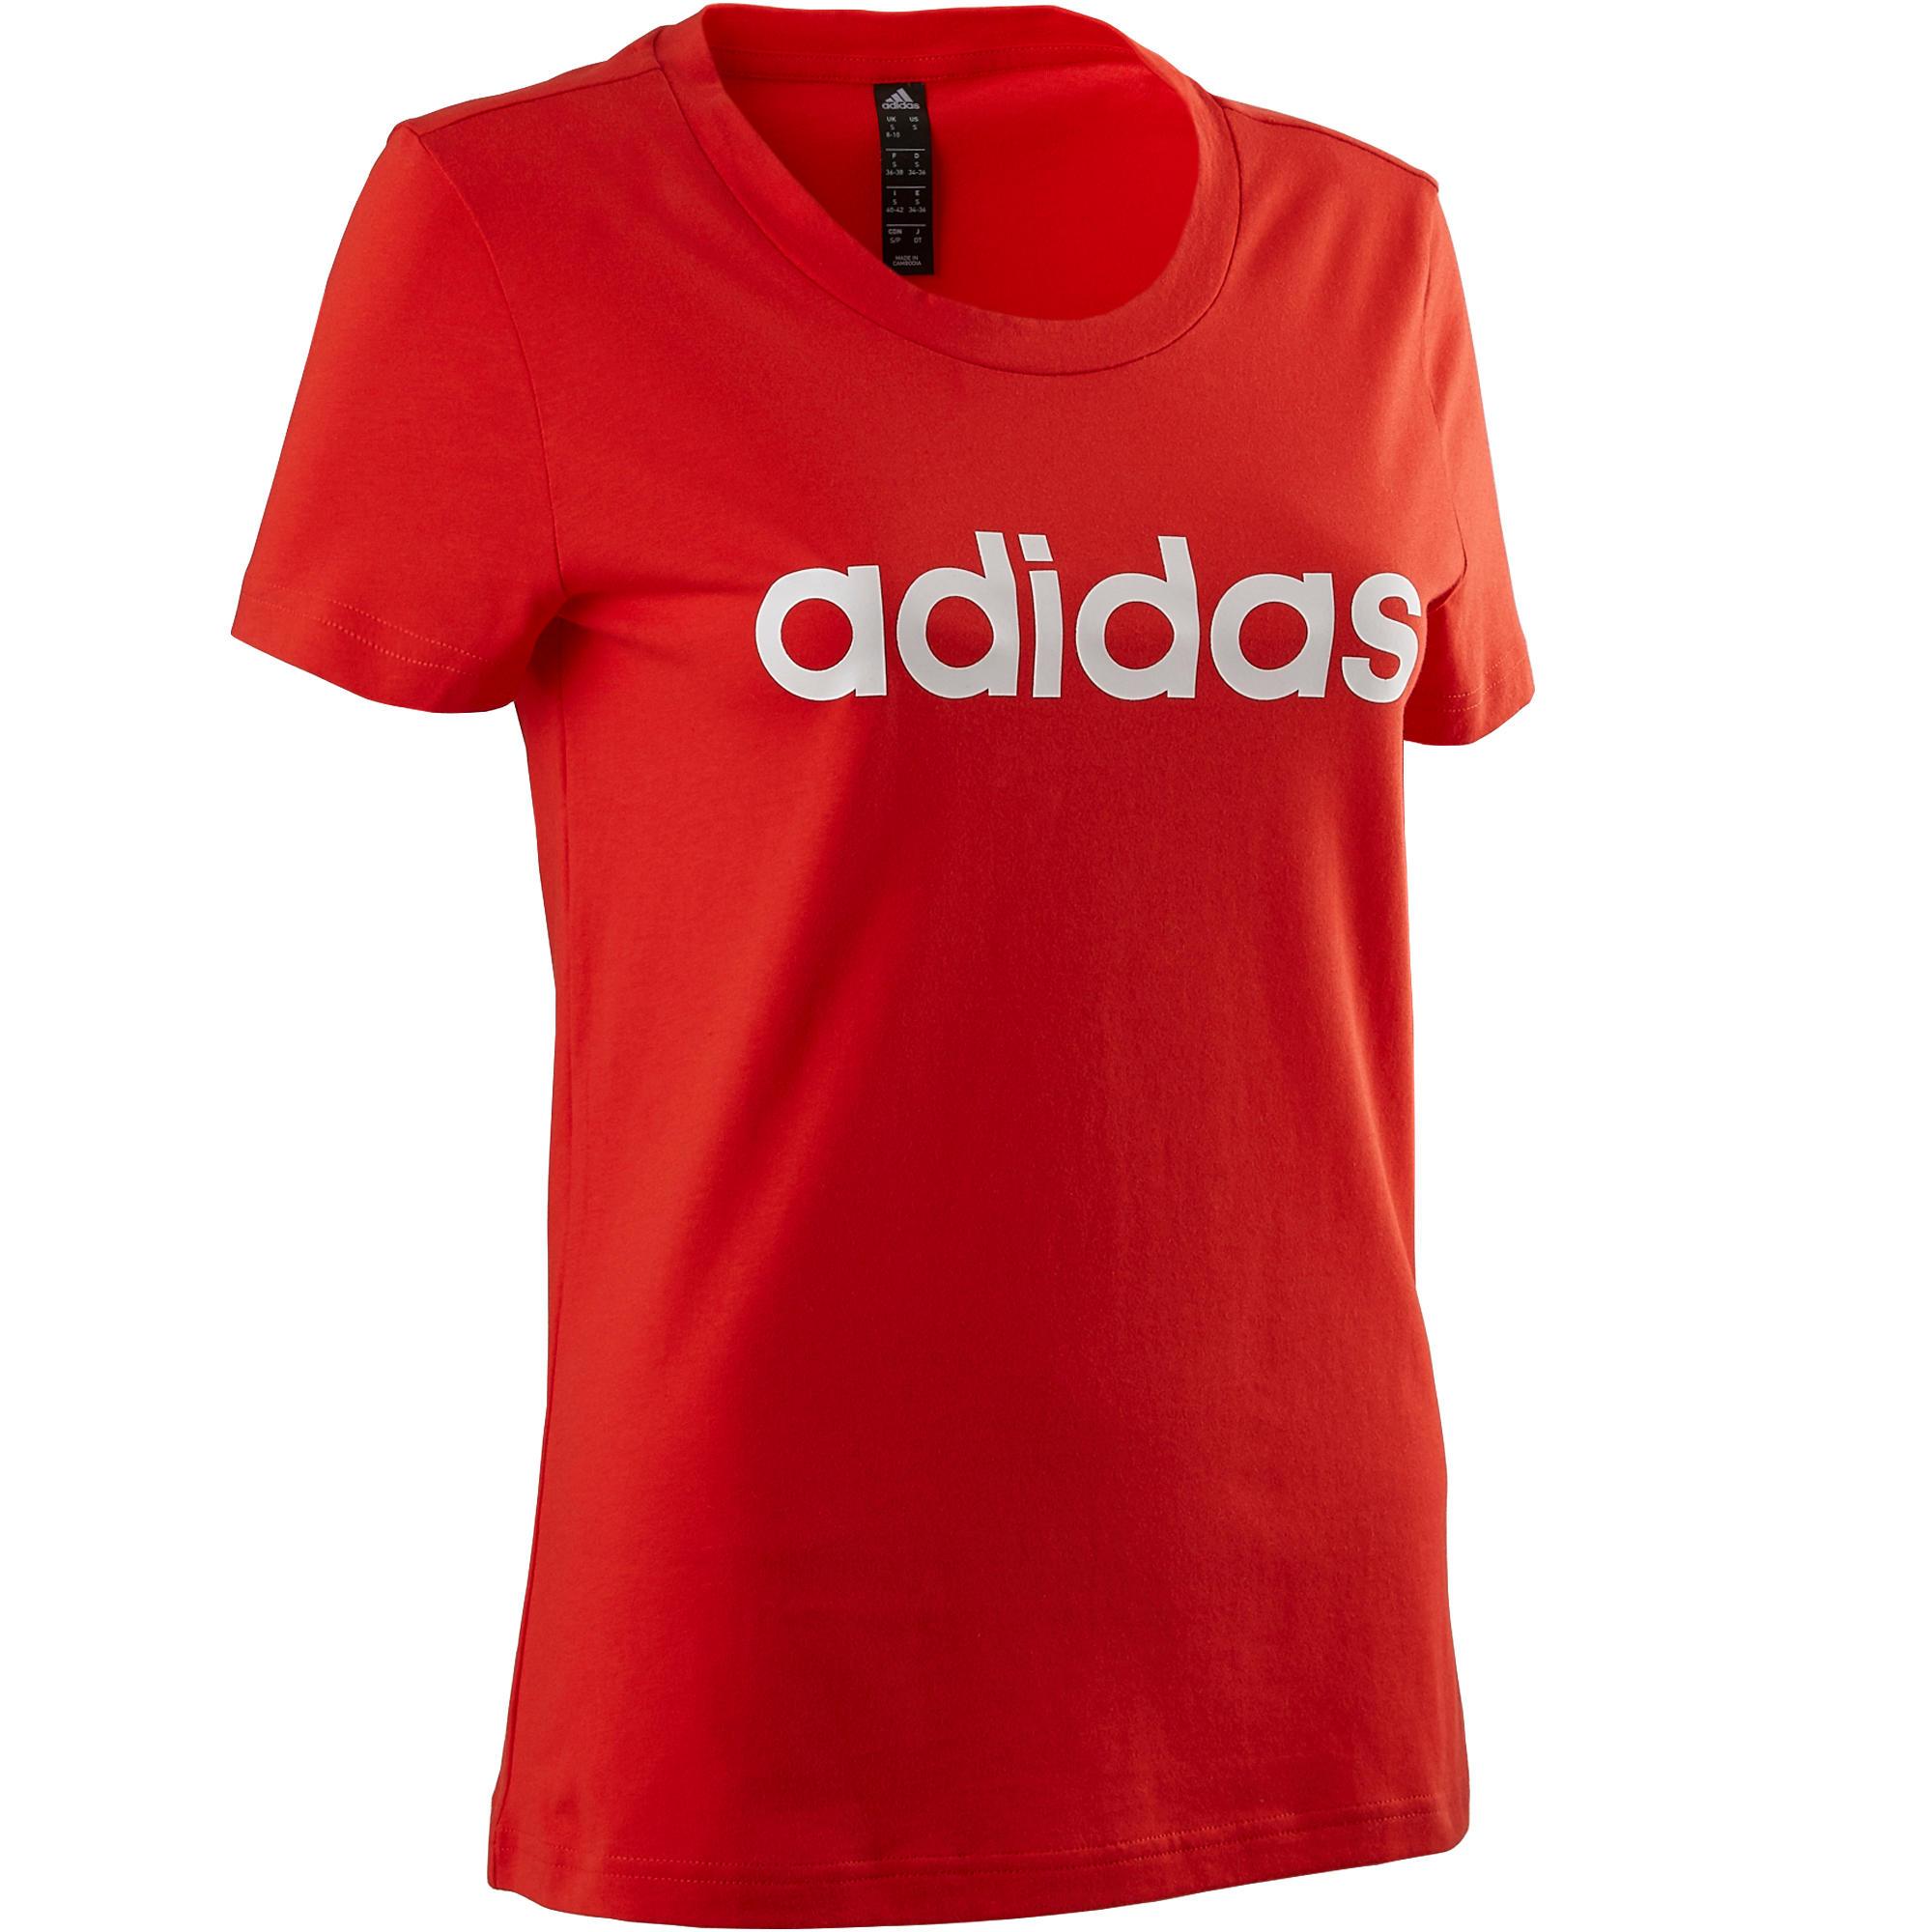 De Rojoblanco Camiseta Y Manga Mujer Corta 500 Adidas Pilates Gimnasia  qxBv1FwB 9805143d93cb1